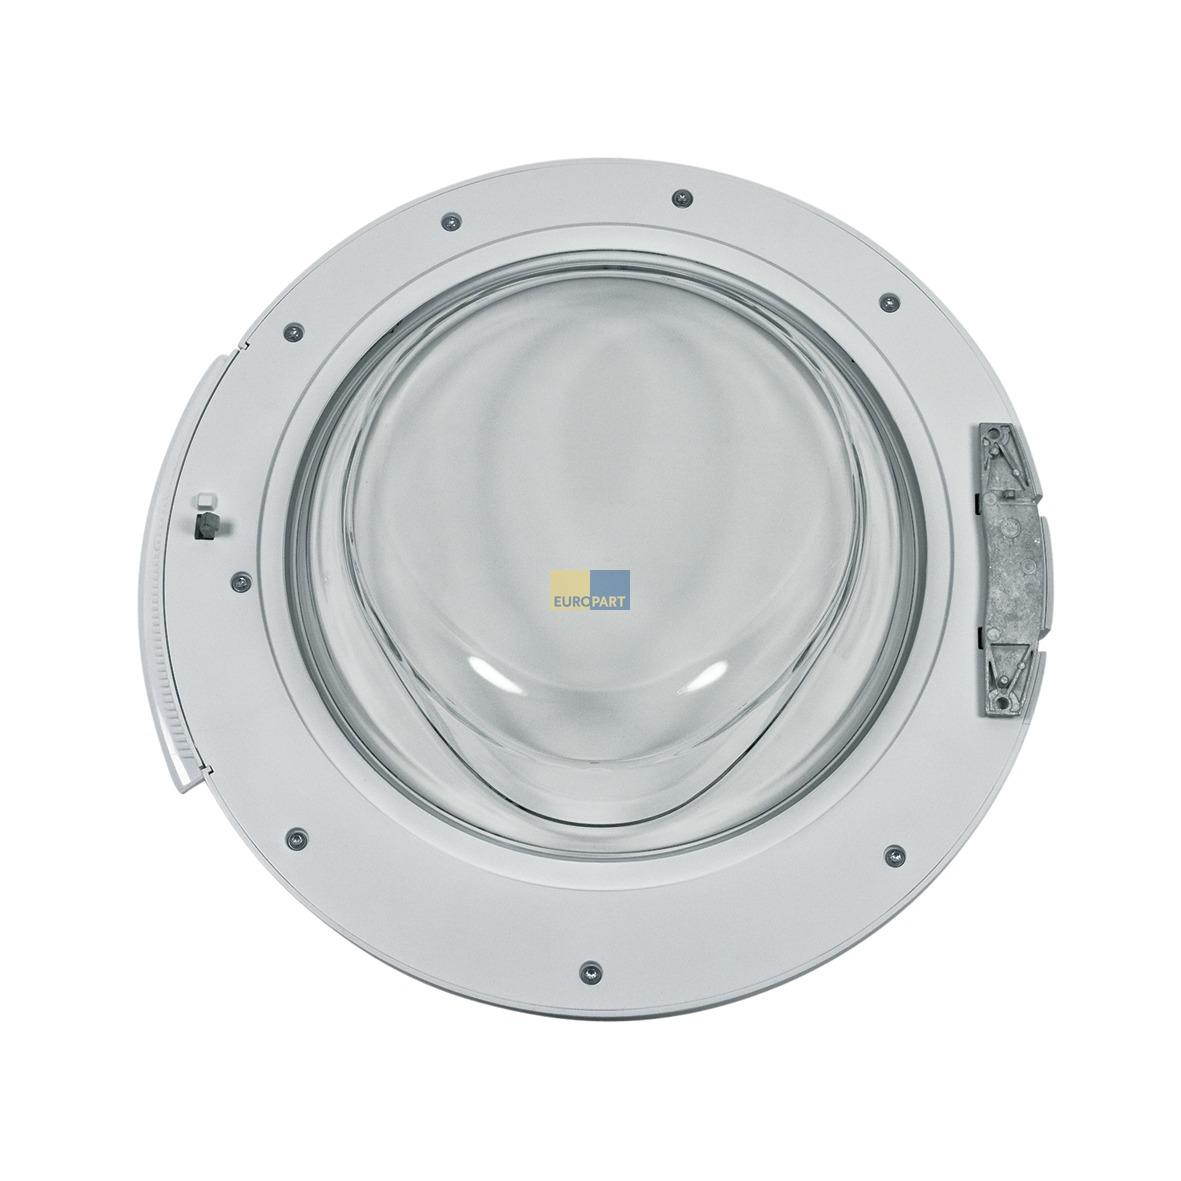 Tur Komplett Weiss Bosch 00702630 Original Bullauge Fur Waschmaschine